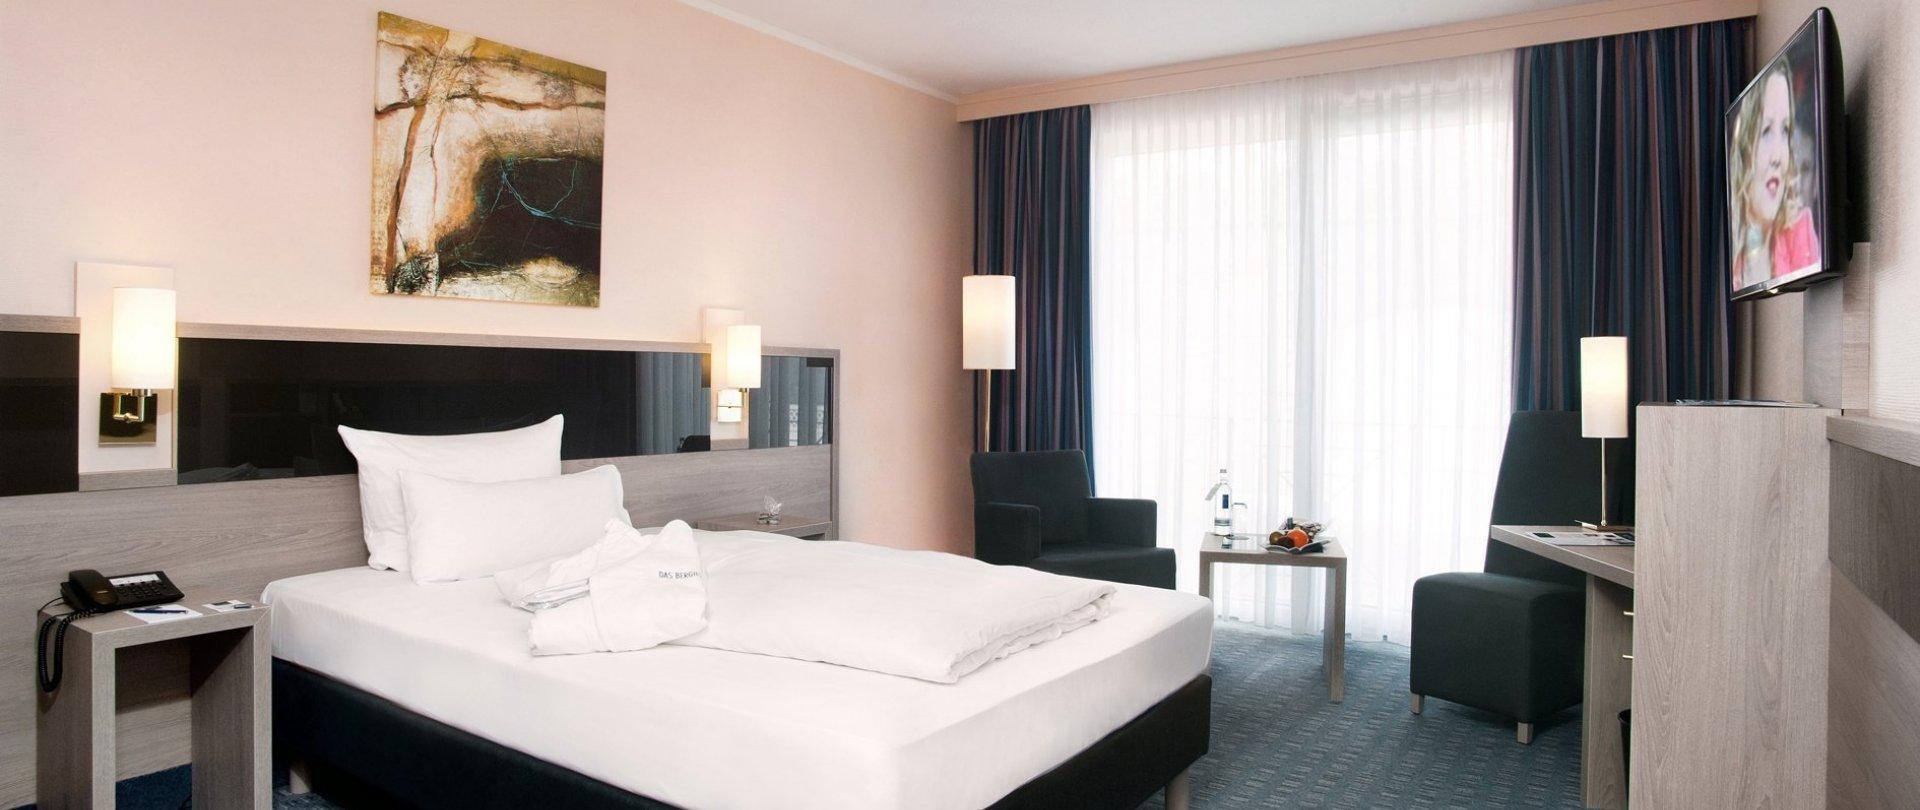 Standard Single Room 1